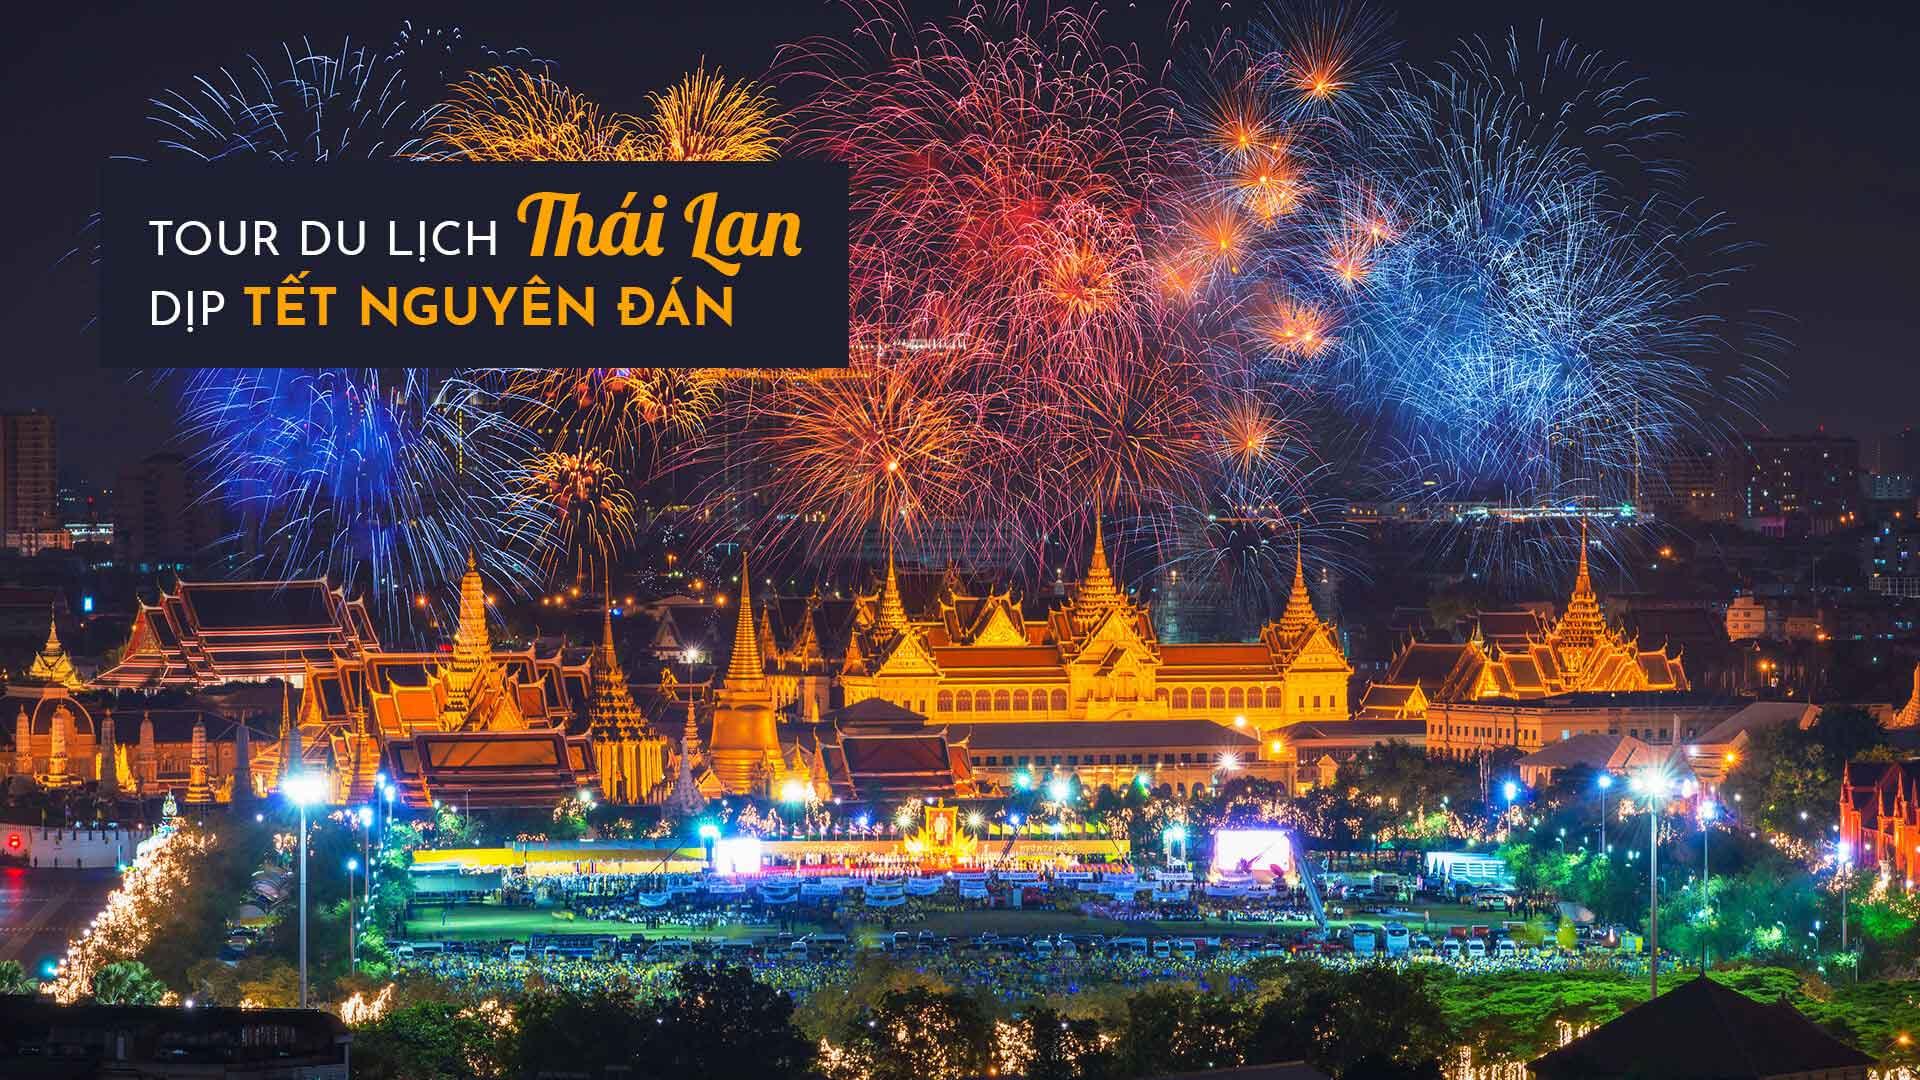 Ưu đãi tour du lịch Thái Lan dịp Tết Nguyên Đán 2019